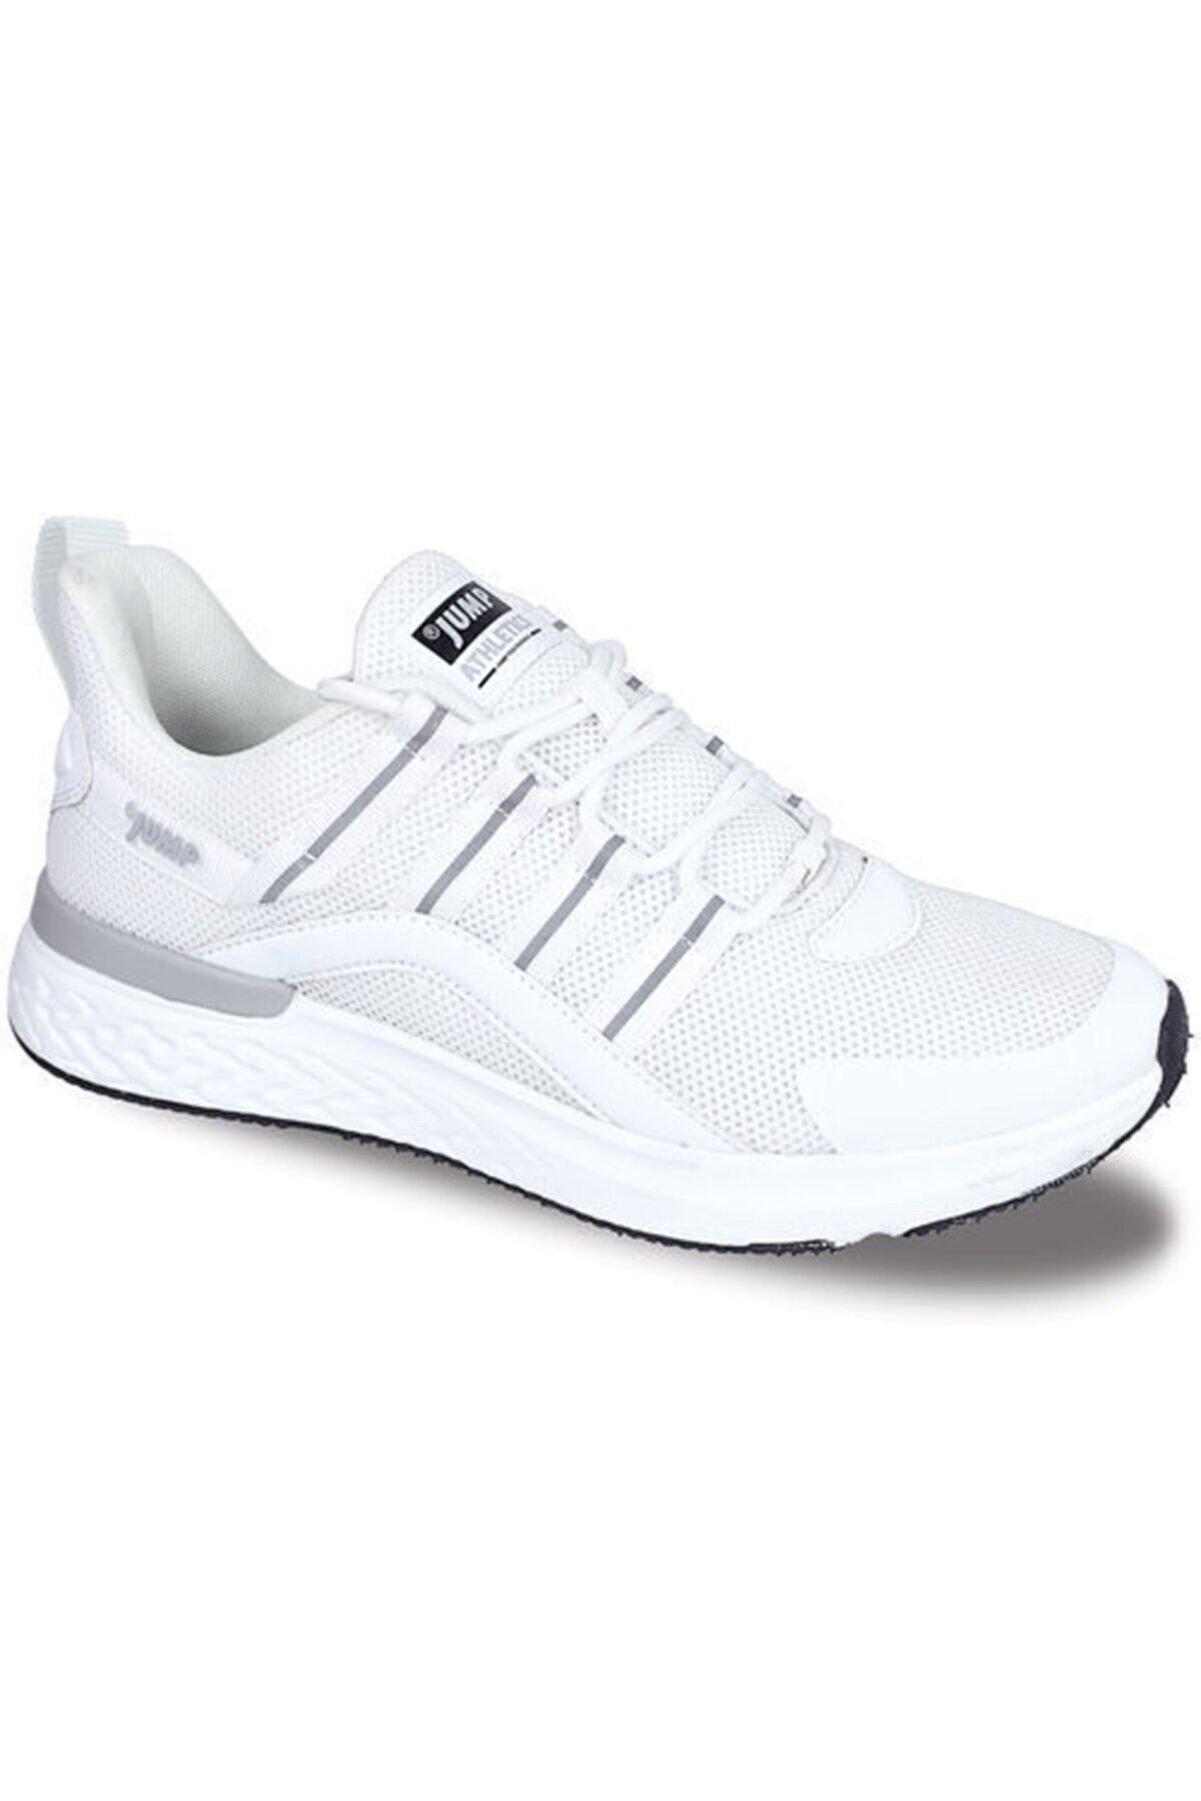 Jump 26483 Erkek Spor Ayakkabı